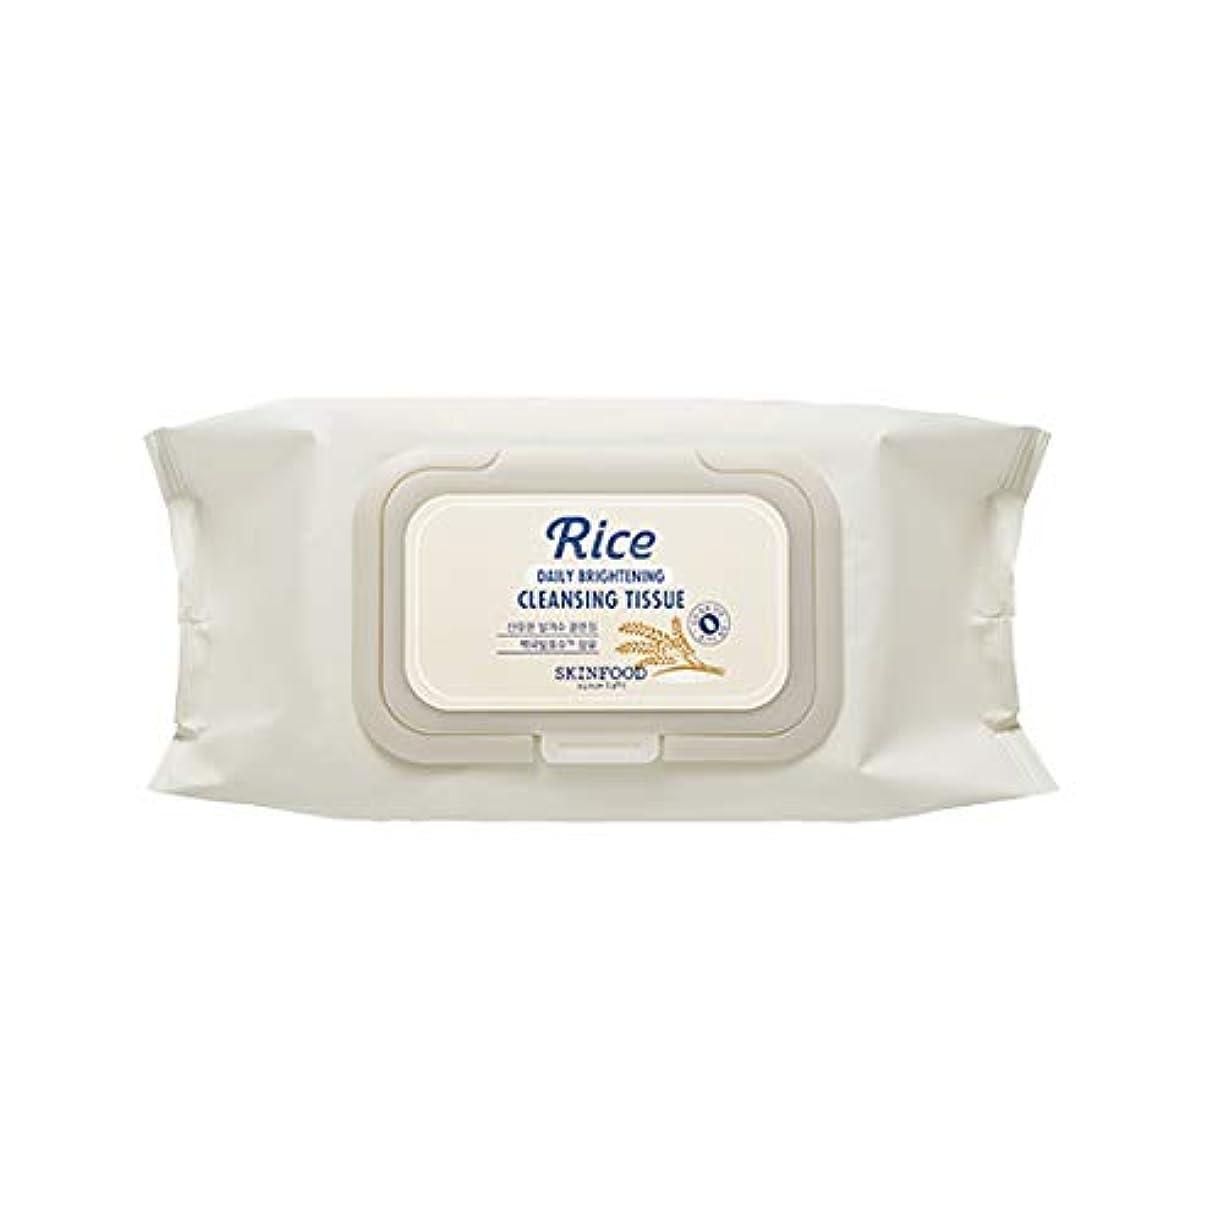 正統派オフェンスぼかすSkinfood/Rice Daily Brightening Cleansing Tissue/ライスデイリーブライトニングクレンジングティッシュ/380ml [並行輸入品]